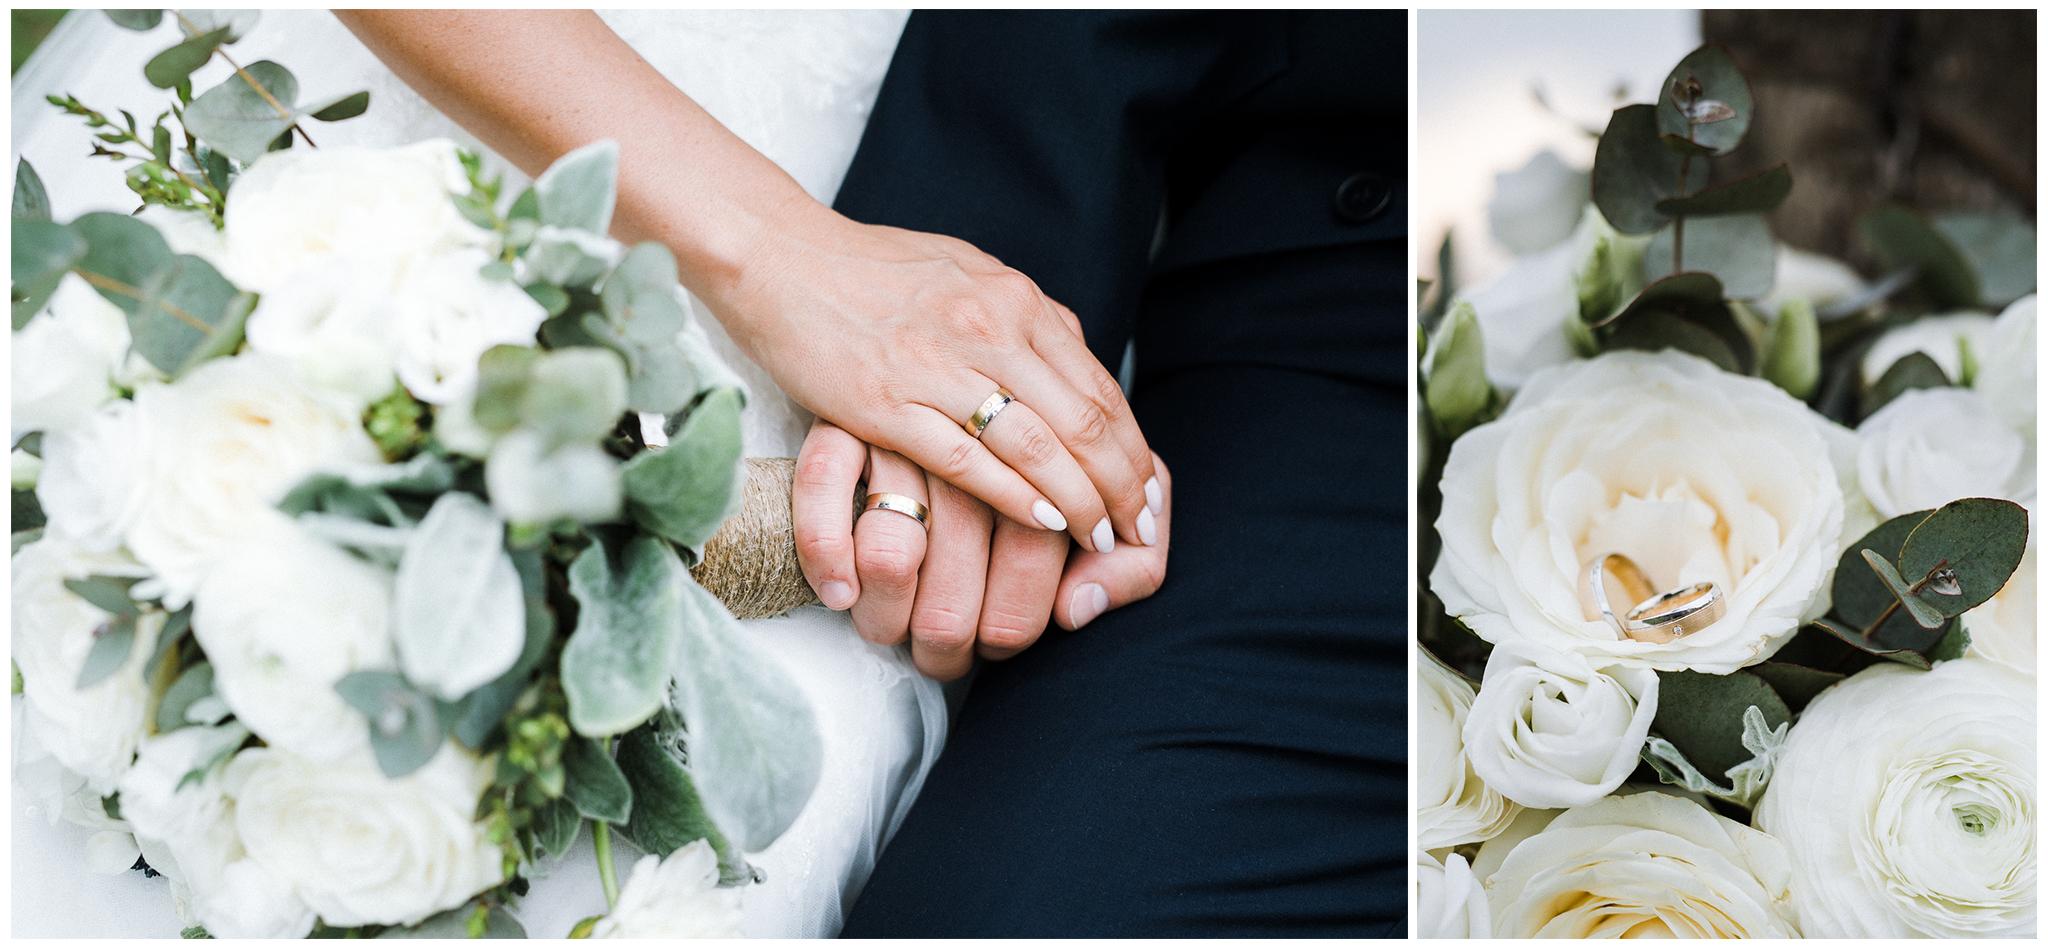 MONT_FylepPhoto, Esküvőfotós Vasmegye, Esküvő fotózás, Esküvői fotós, Körmend, Vas megye, Dunántúl, Budapest, Fülöp Péter, Jegyes fotózás, jegyes, kreatív, kreatívfotózás, Balaton_Réka&Peti,2018_006.jpg